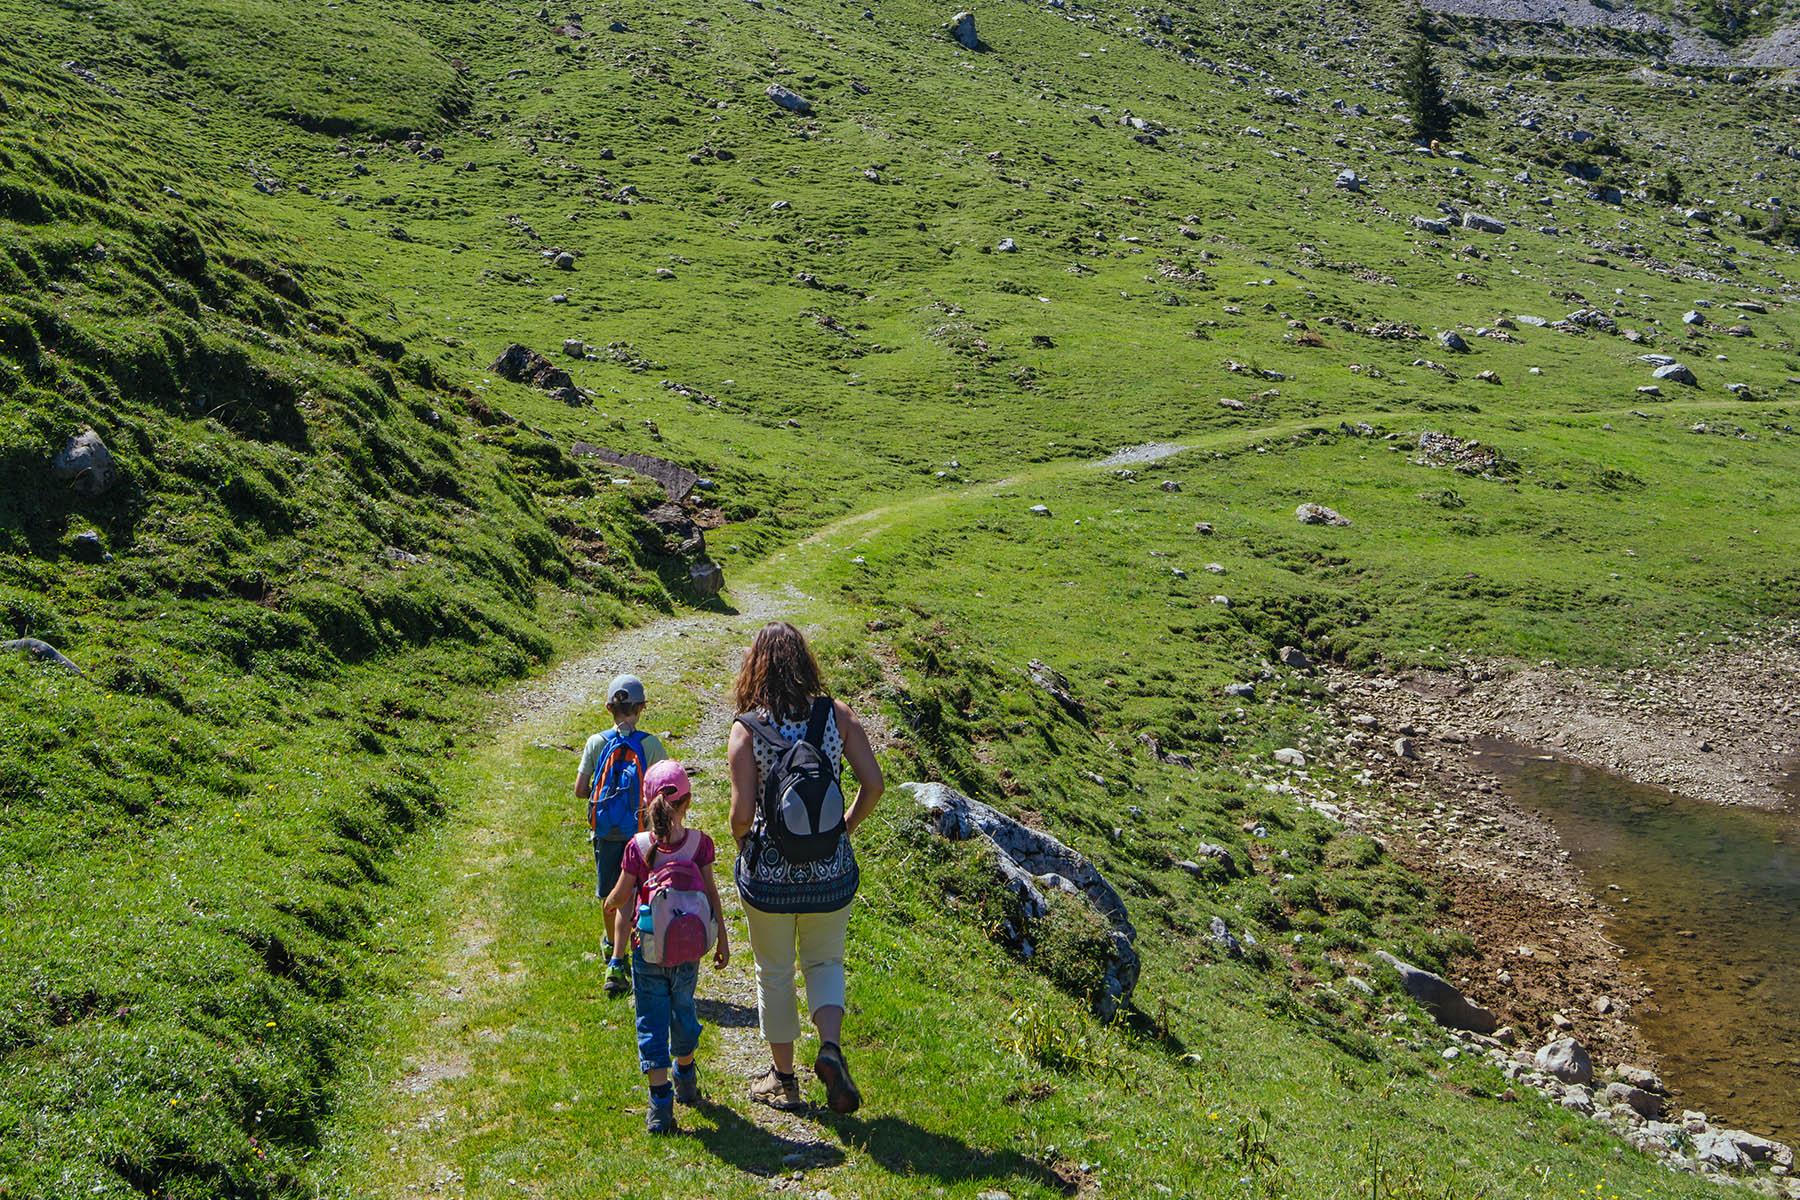 A family hiking in Bannalp